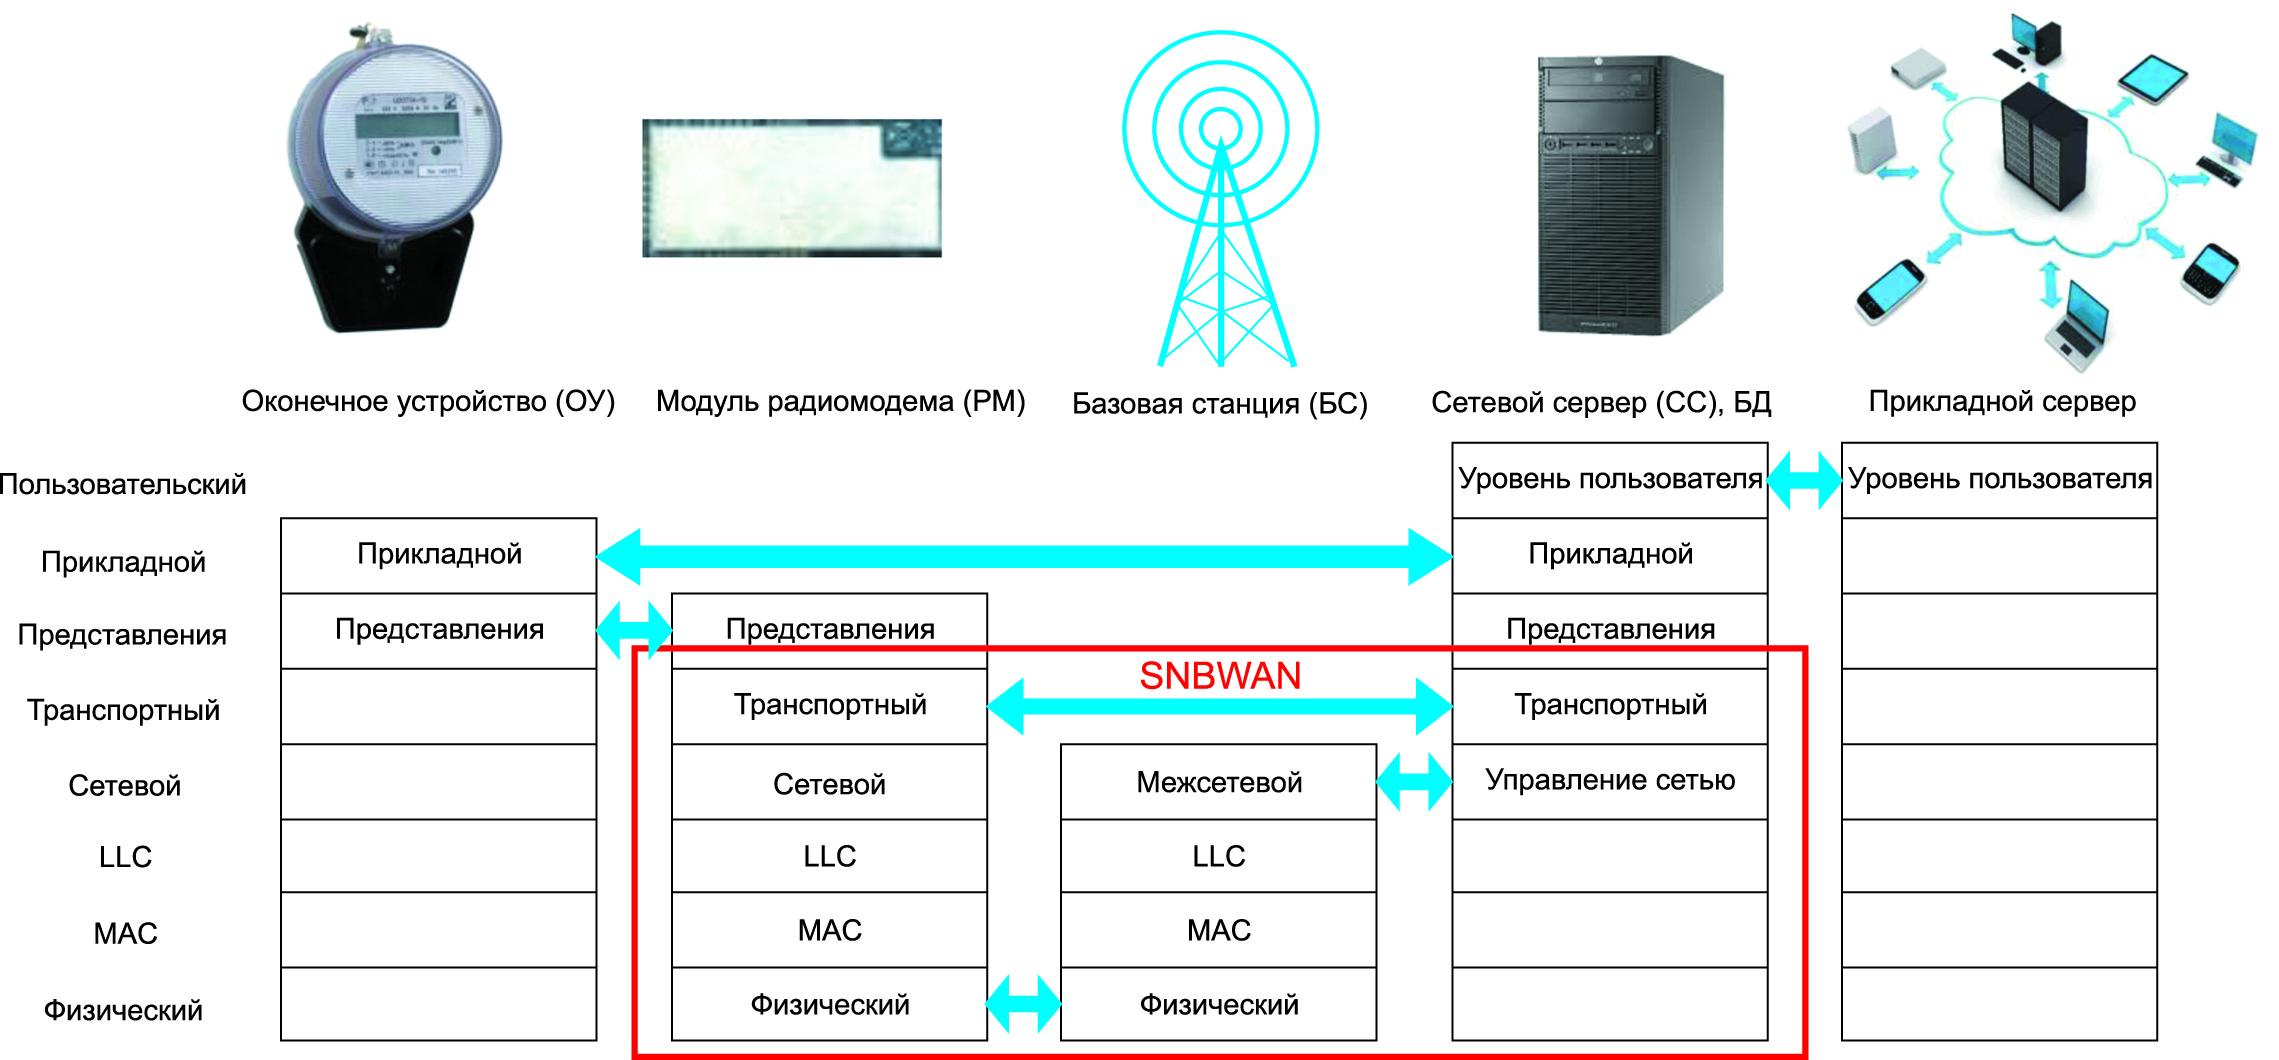 Иерархия уровней модели информационной системы SNBWAN